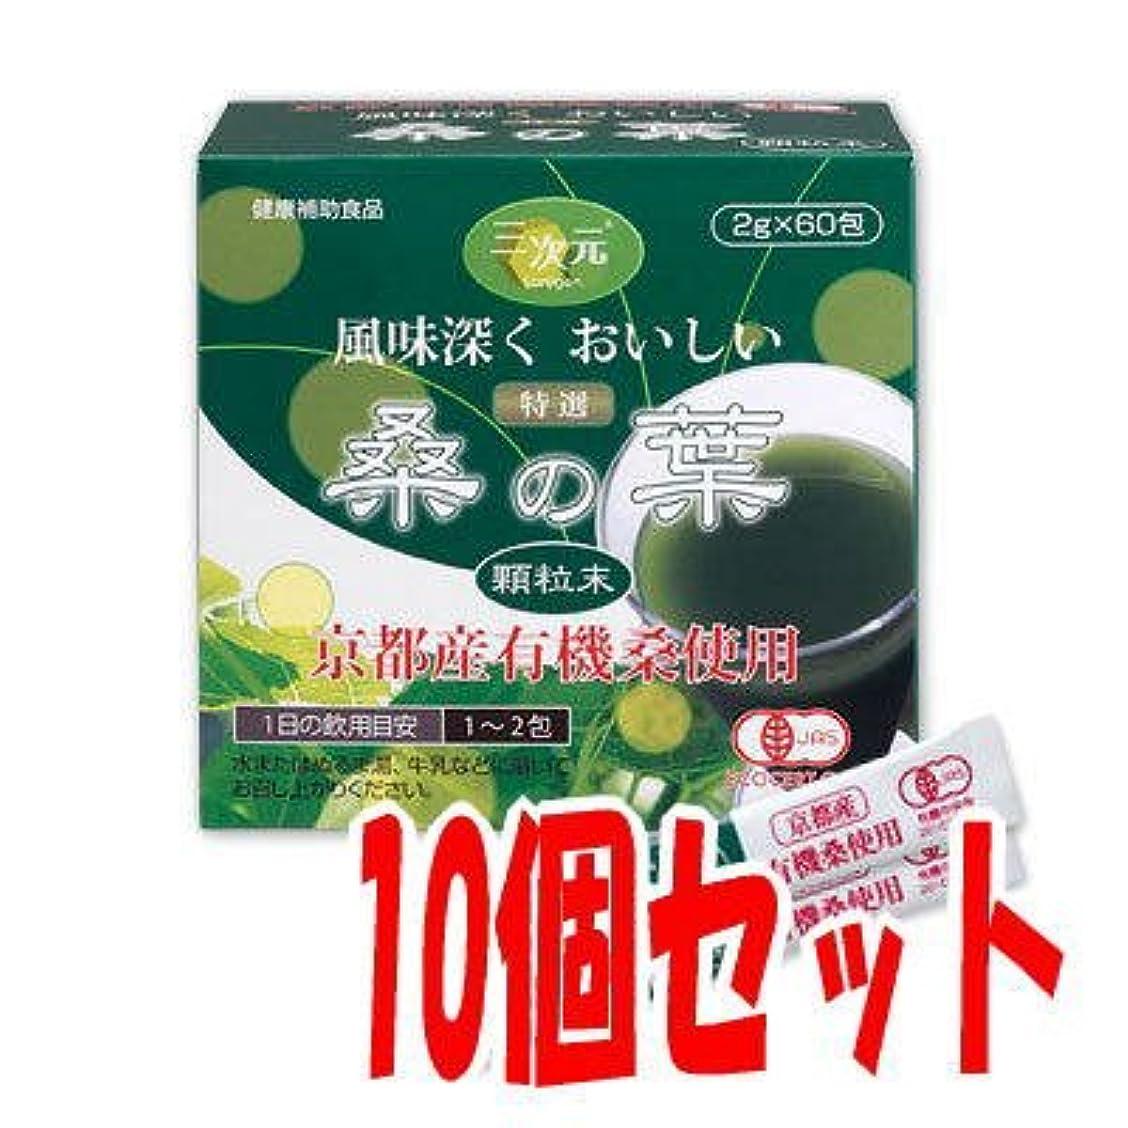 排除第四うまれた特選「桑の葉」顆粒末1箱60包入×10箱セット 国産(京都産)有機桑使用 苦くなく風味深くおいしい青汁